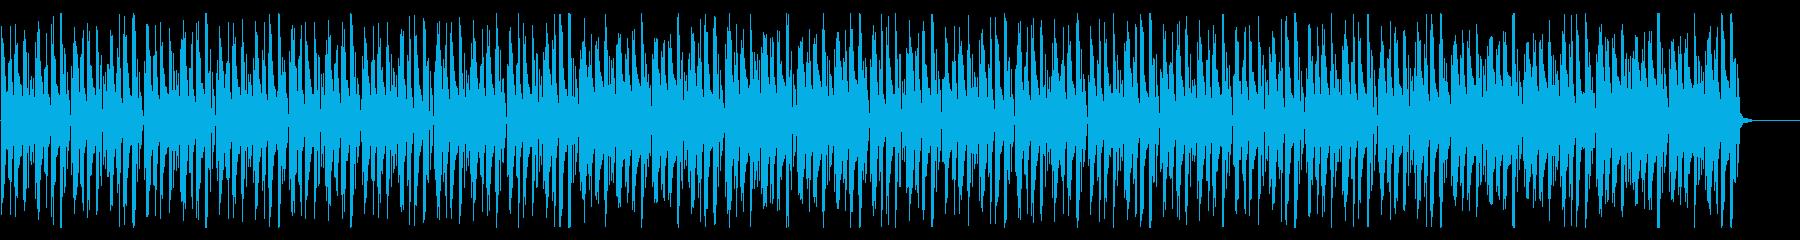 8ビット、チップチューン系の解説BGMの再生済みの波形